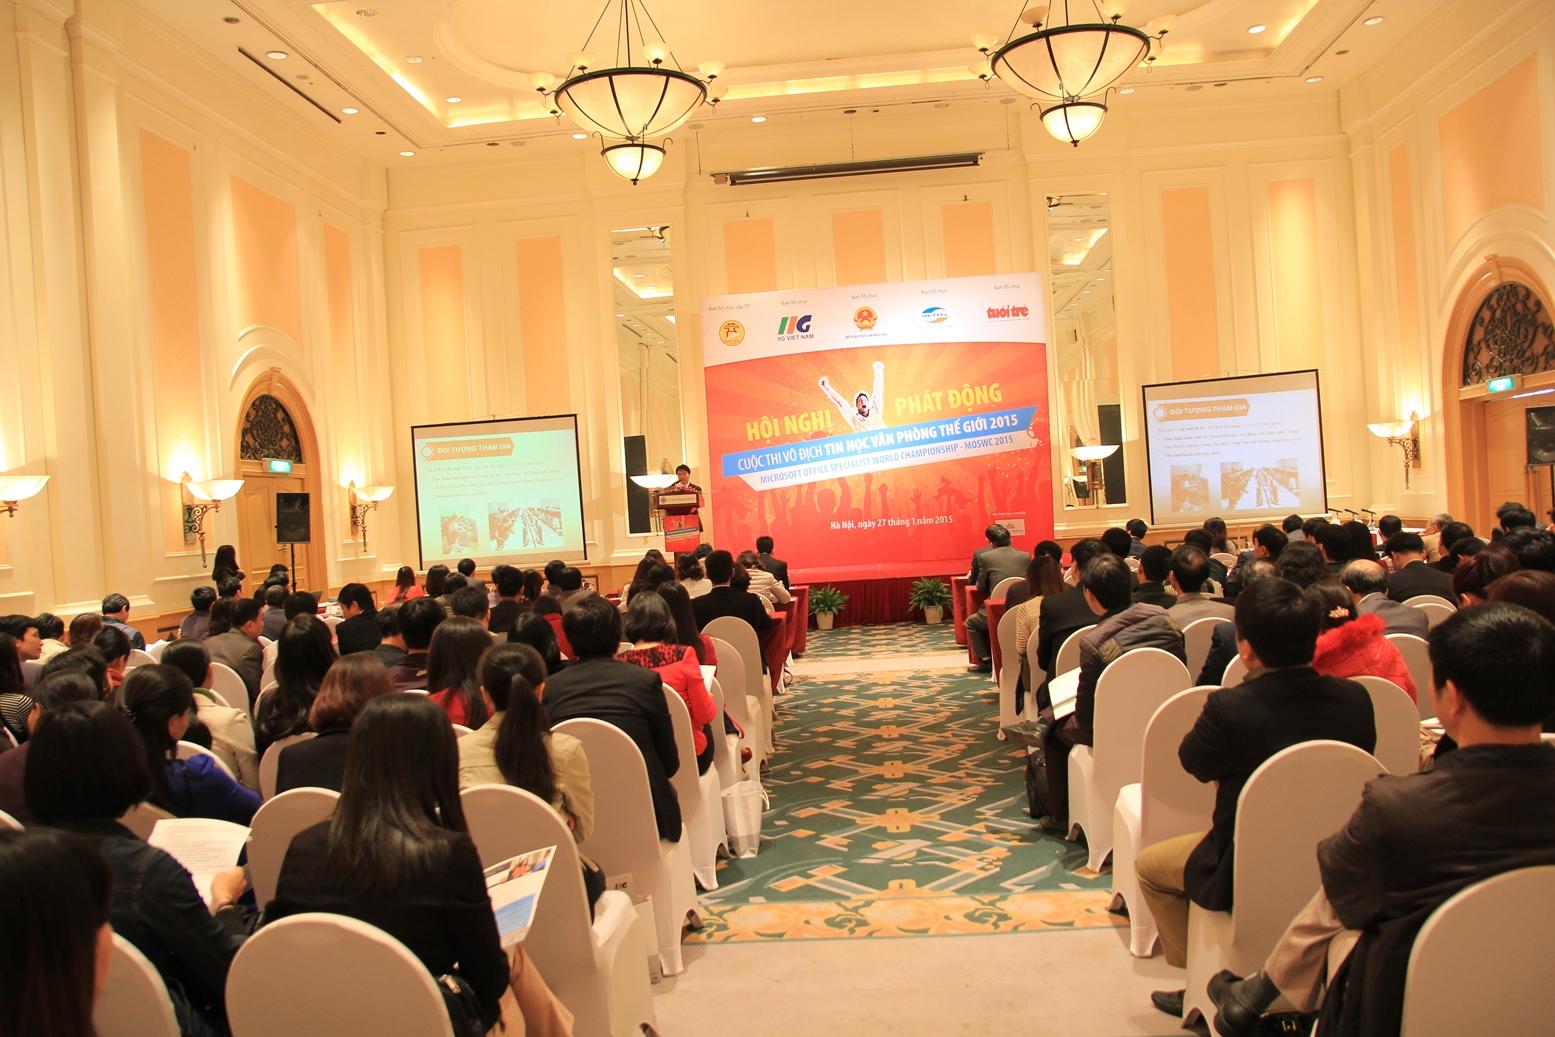 Thông báo thời gian, địa điểm thi tin học văn phòng dành cho học sinh trung học Thành phố Hà Nội năm 2015